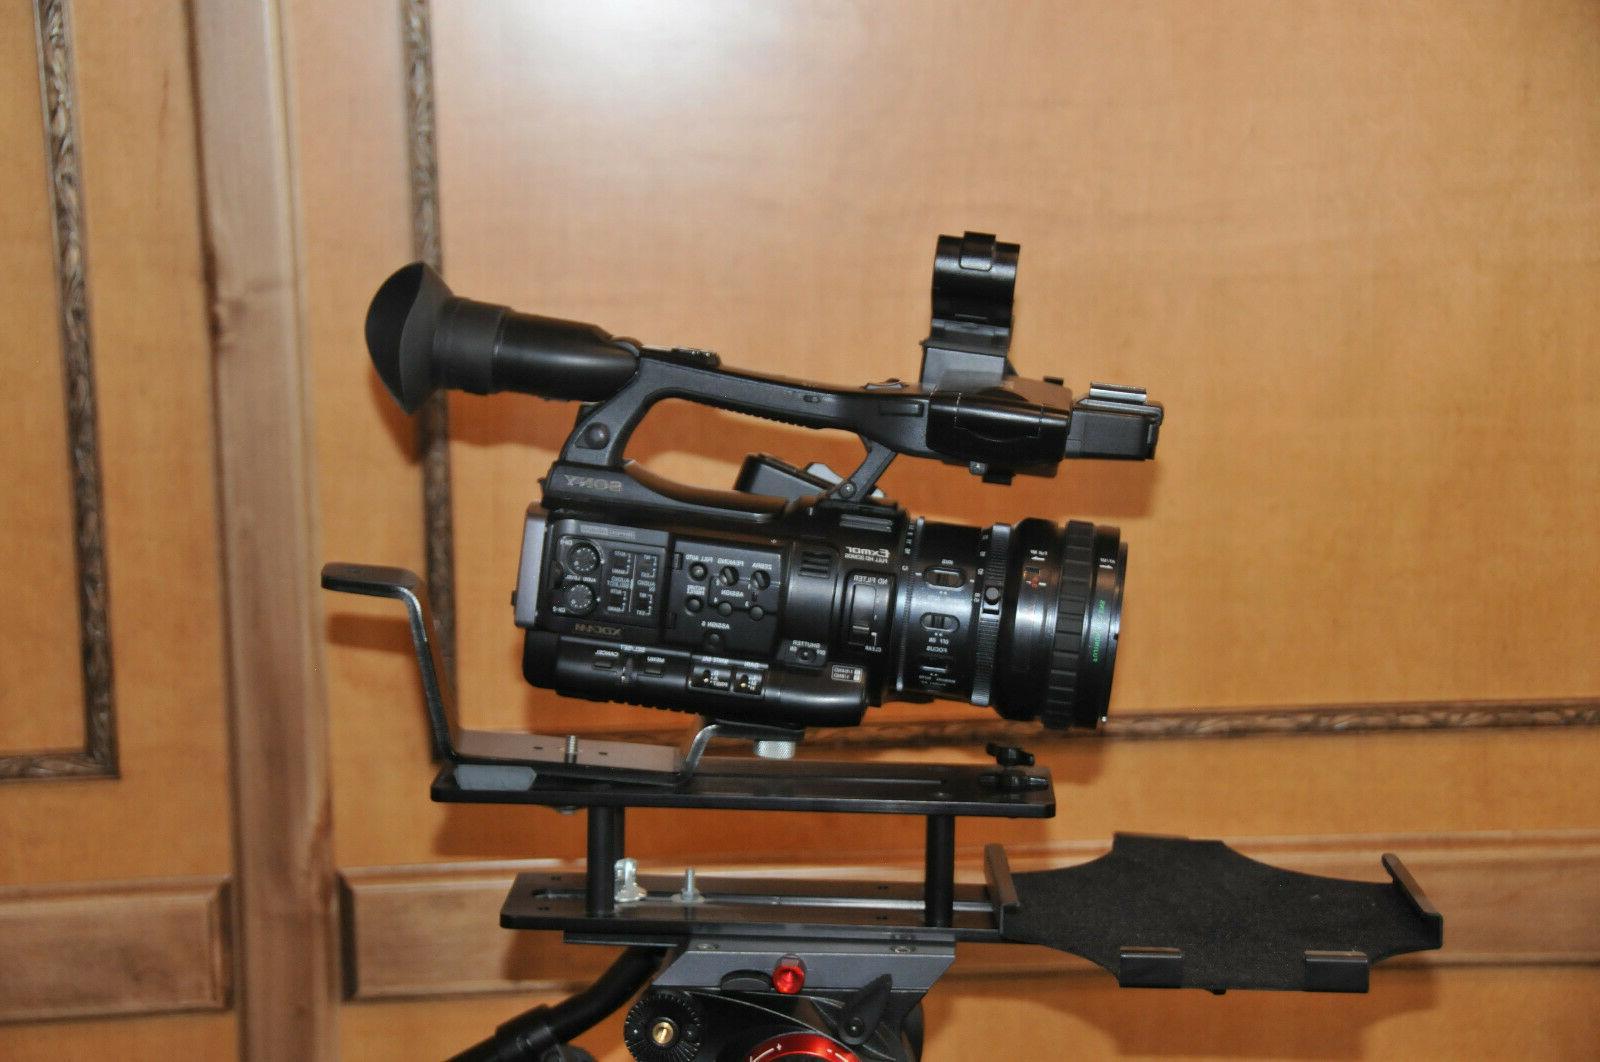 Dual Video Studio Equipment